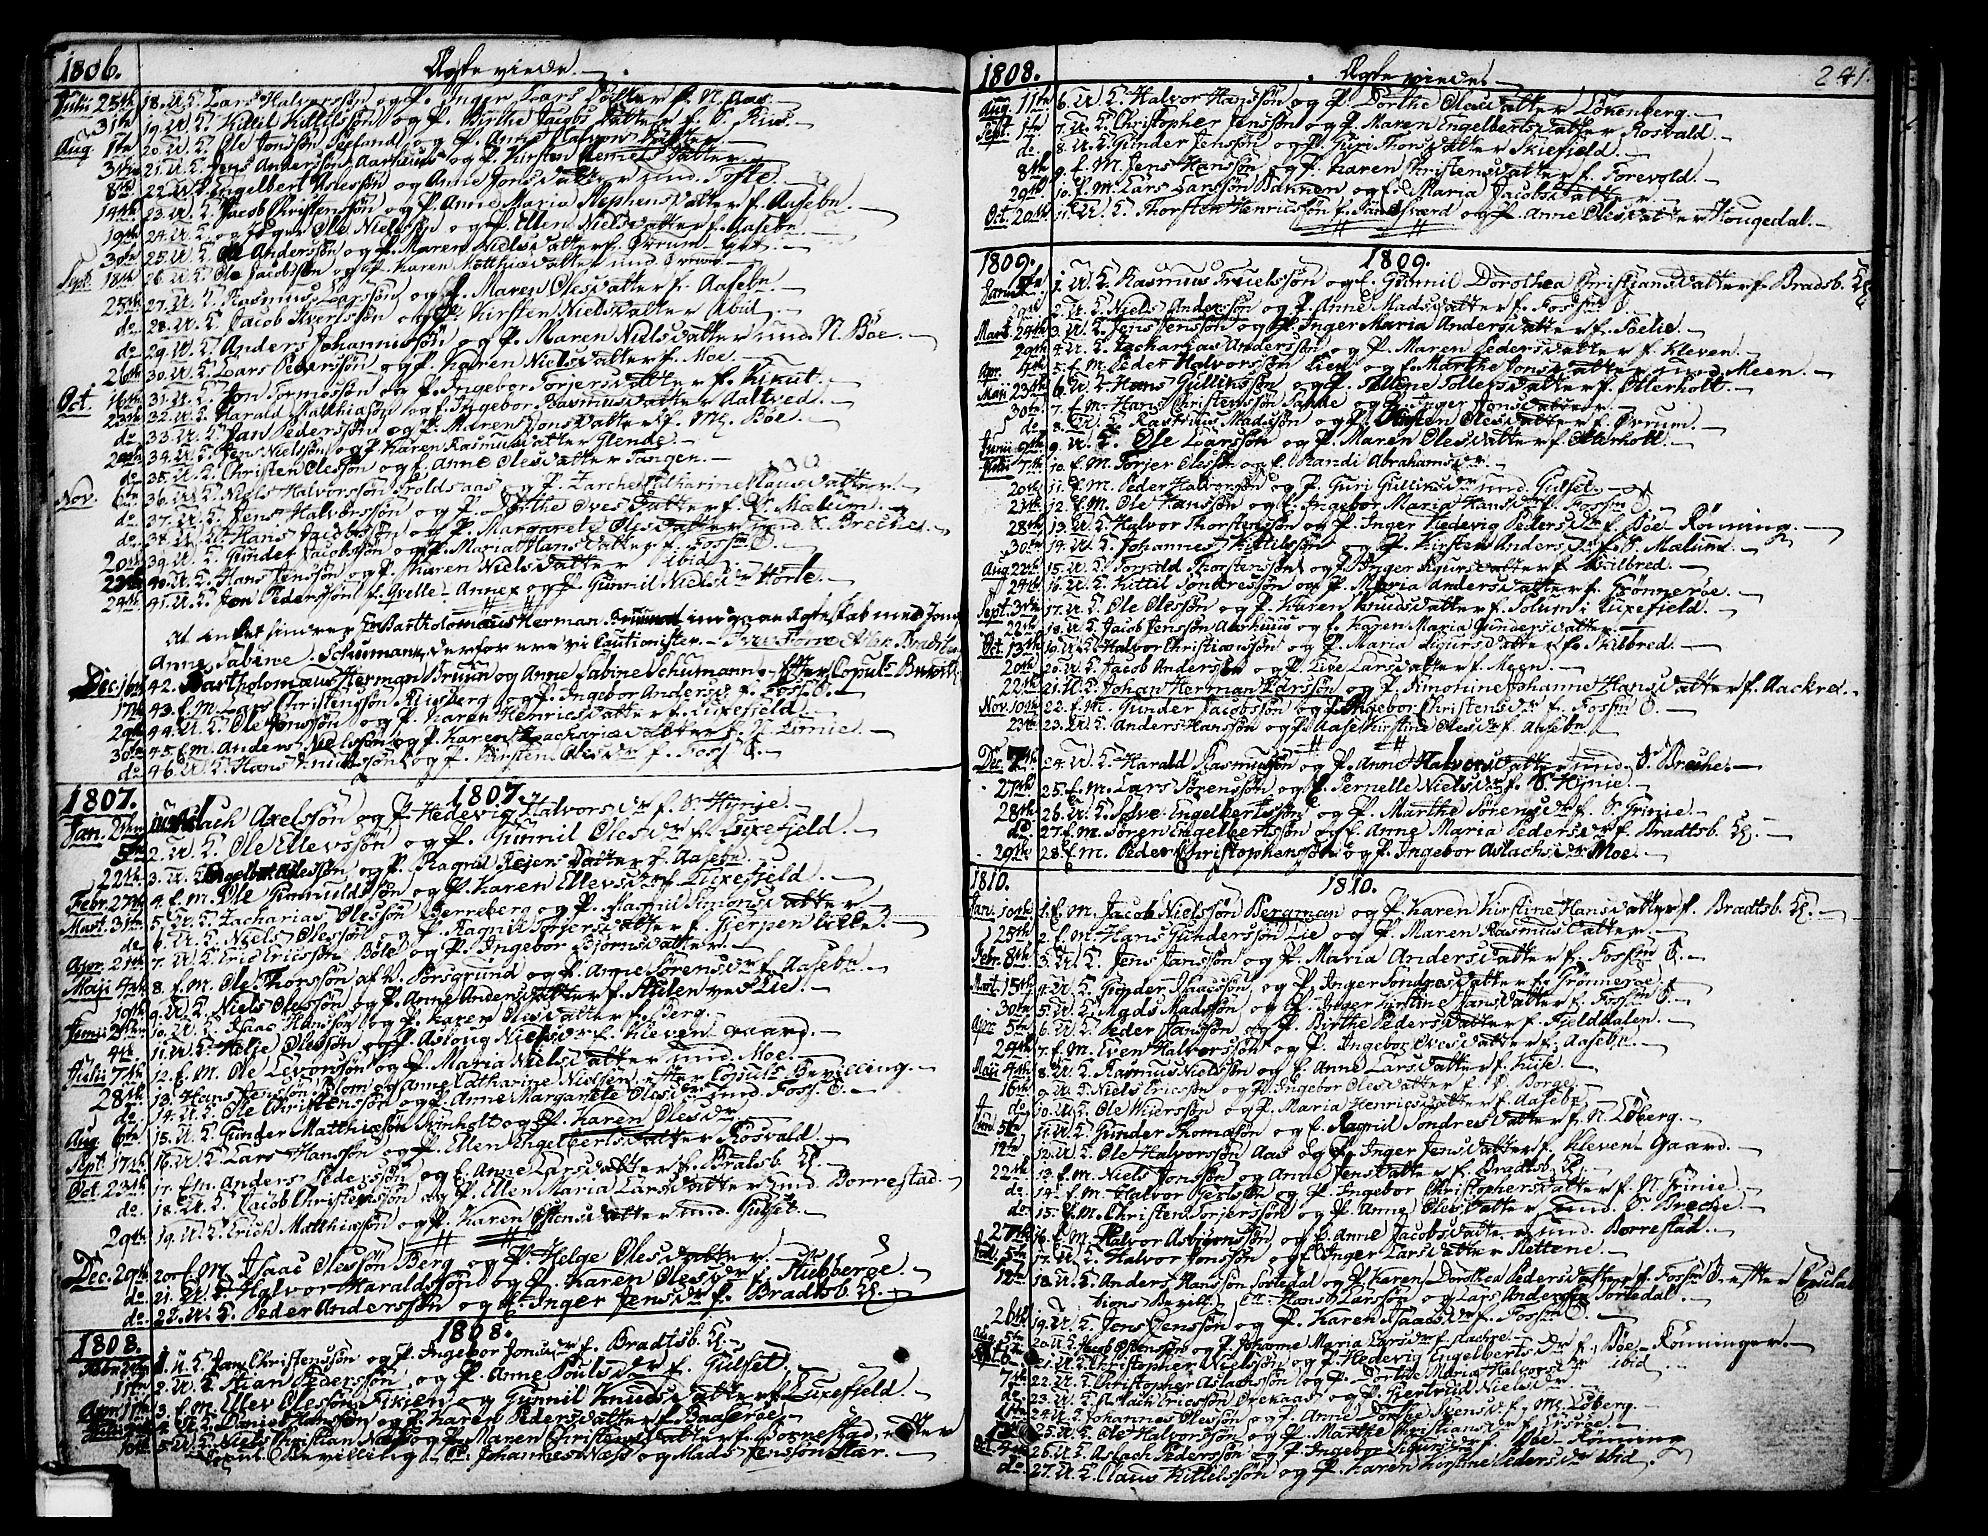 SAKO, Gjerpen kirkebøker, F/Fa/L0003: Ministerialbok nr. 3, 1796-1814, s. 241